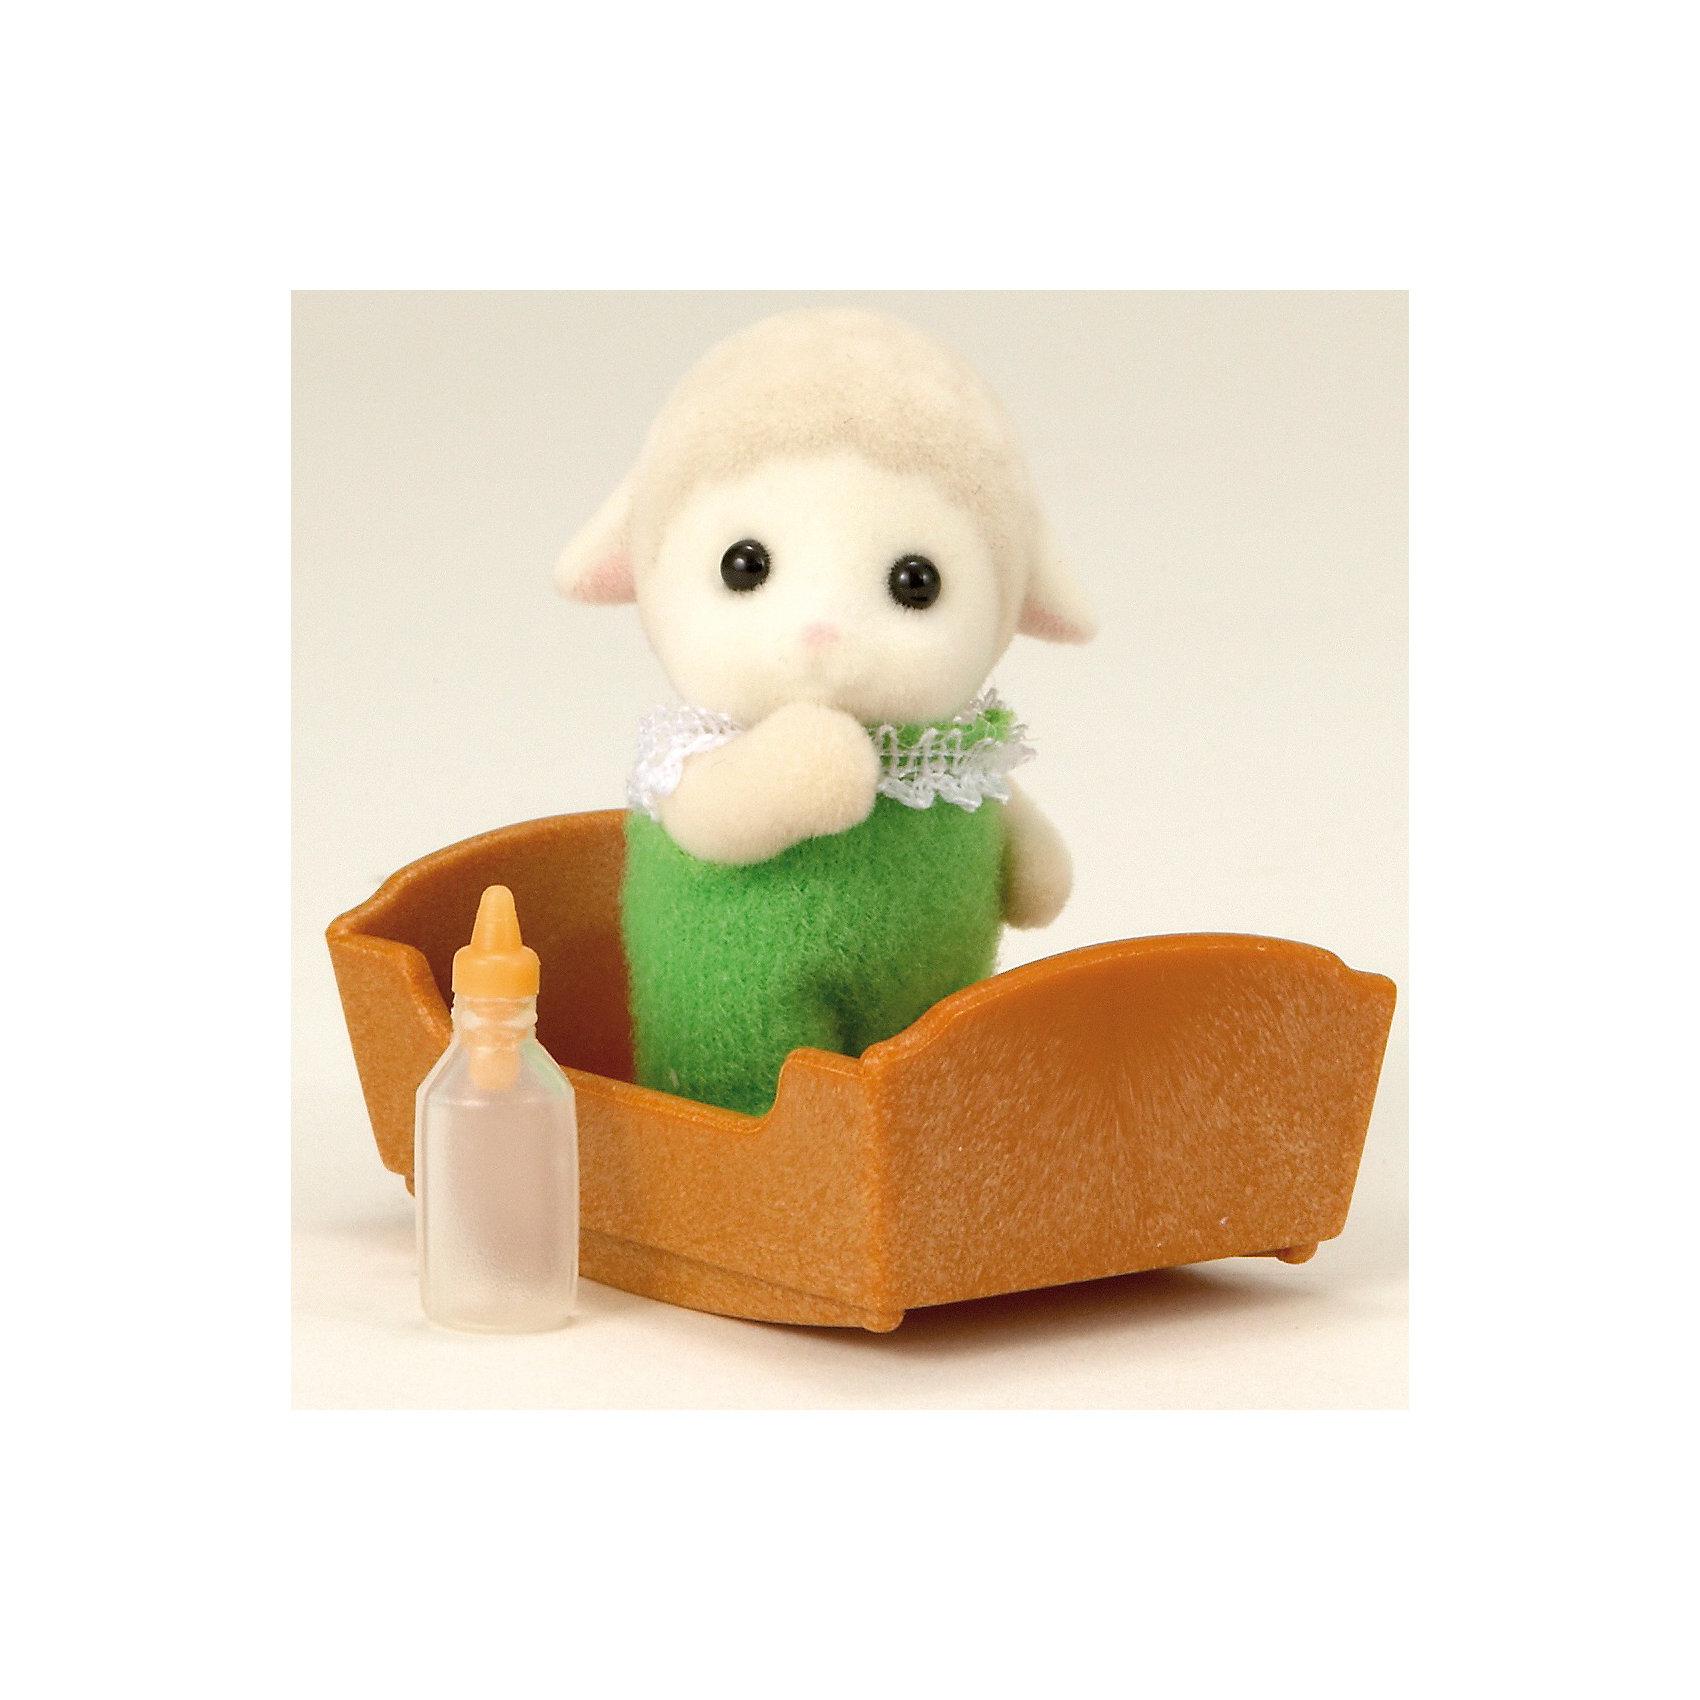 Набор Малыш Овечка Sylvanian FamiliesМалыш Овечка - сладкий малыш, о котором так и хочется позаботиться! Он одет в зеленый комбинезончик с кружевами и любит спать в своей колыбельке, особенно зимой. Малыша нужно покормить из бутылочки и уложить спать в уютную кроватку.  <br>Голова малыша с черными глазками-бусинками поворачивается, а лапки двигаются.<br><br>В этом комплекте Sylvanian Families (Сильваниан Фэлимиес):<br>- Малыш Овечка высотой 3,5 см<br>- колыбелька<br>- бутылочка <br>Дополнительная информация:<br>Размер коробки: 8 х 4 х 12 см.<br><br> Материал: высококачественная пластмасса, ПВХ с полимерным напылением, текстиль. <br><br>Ваш ребенок будет в восторге от этого малыша!<br><br>Ширина мм: 120<br>Глубина мм: 78<br>Высота мм: 35<br>Вес г: 33<br>Возраст от месяцев: 36<br>Возраст до месяцев: 72<br>Пол: Женский<br>Возраст: Детский<br>SKU: 2531414